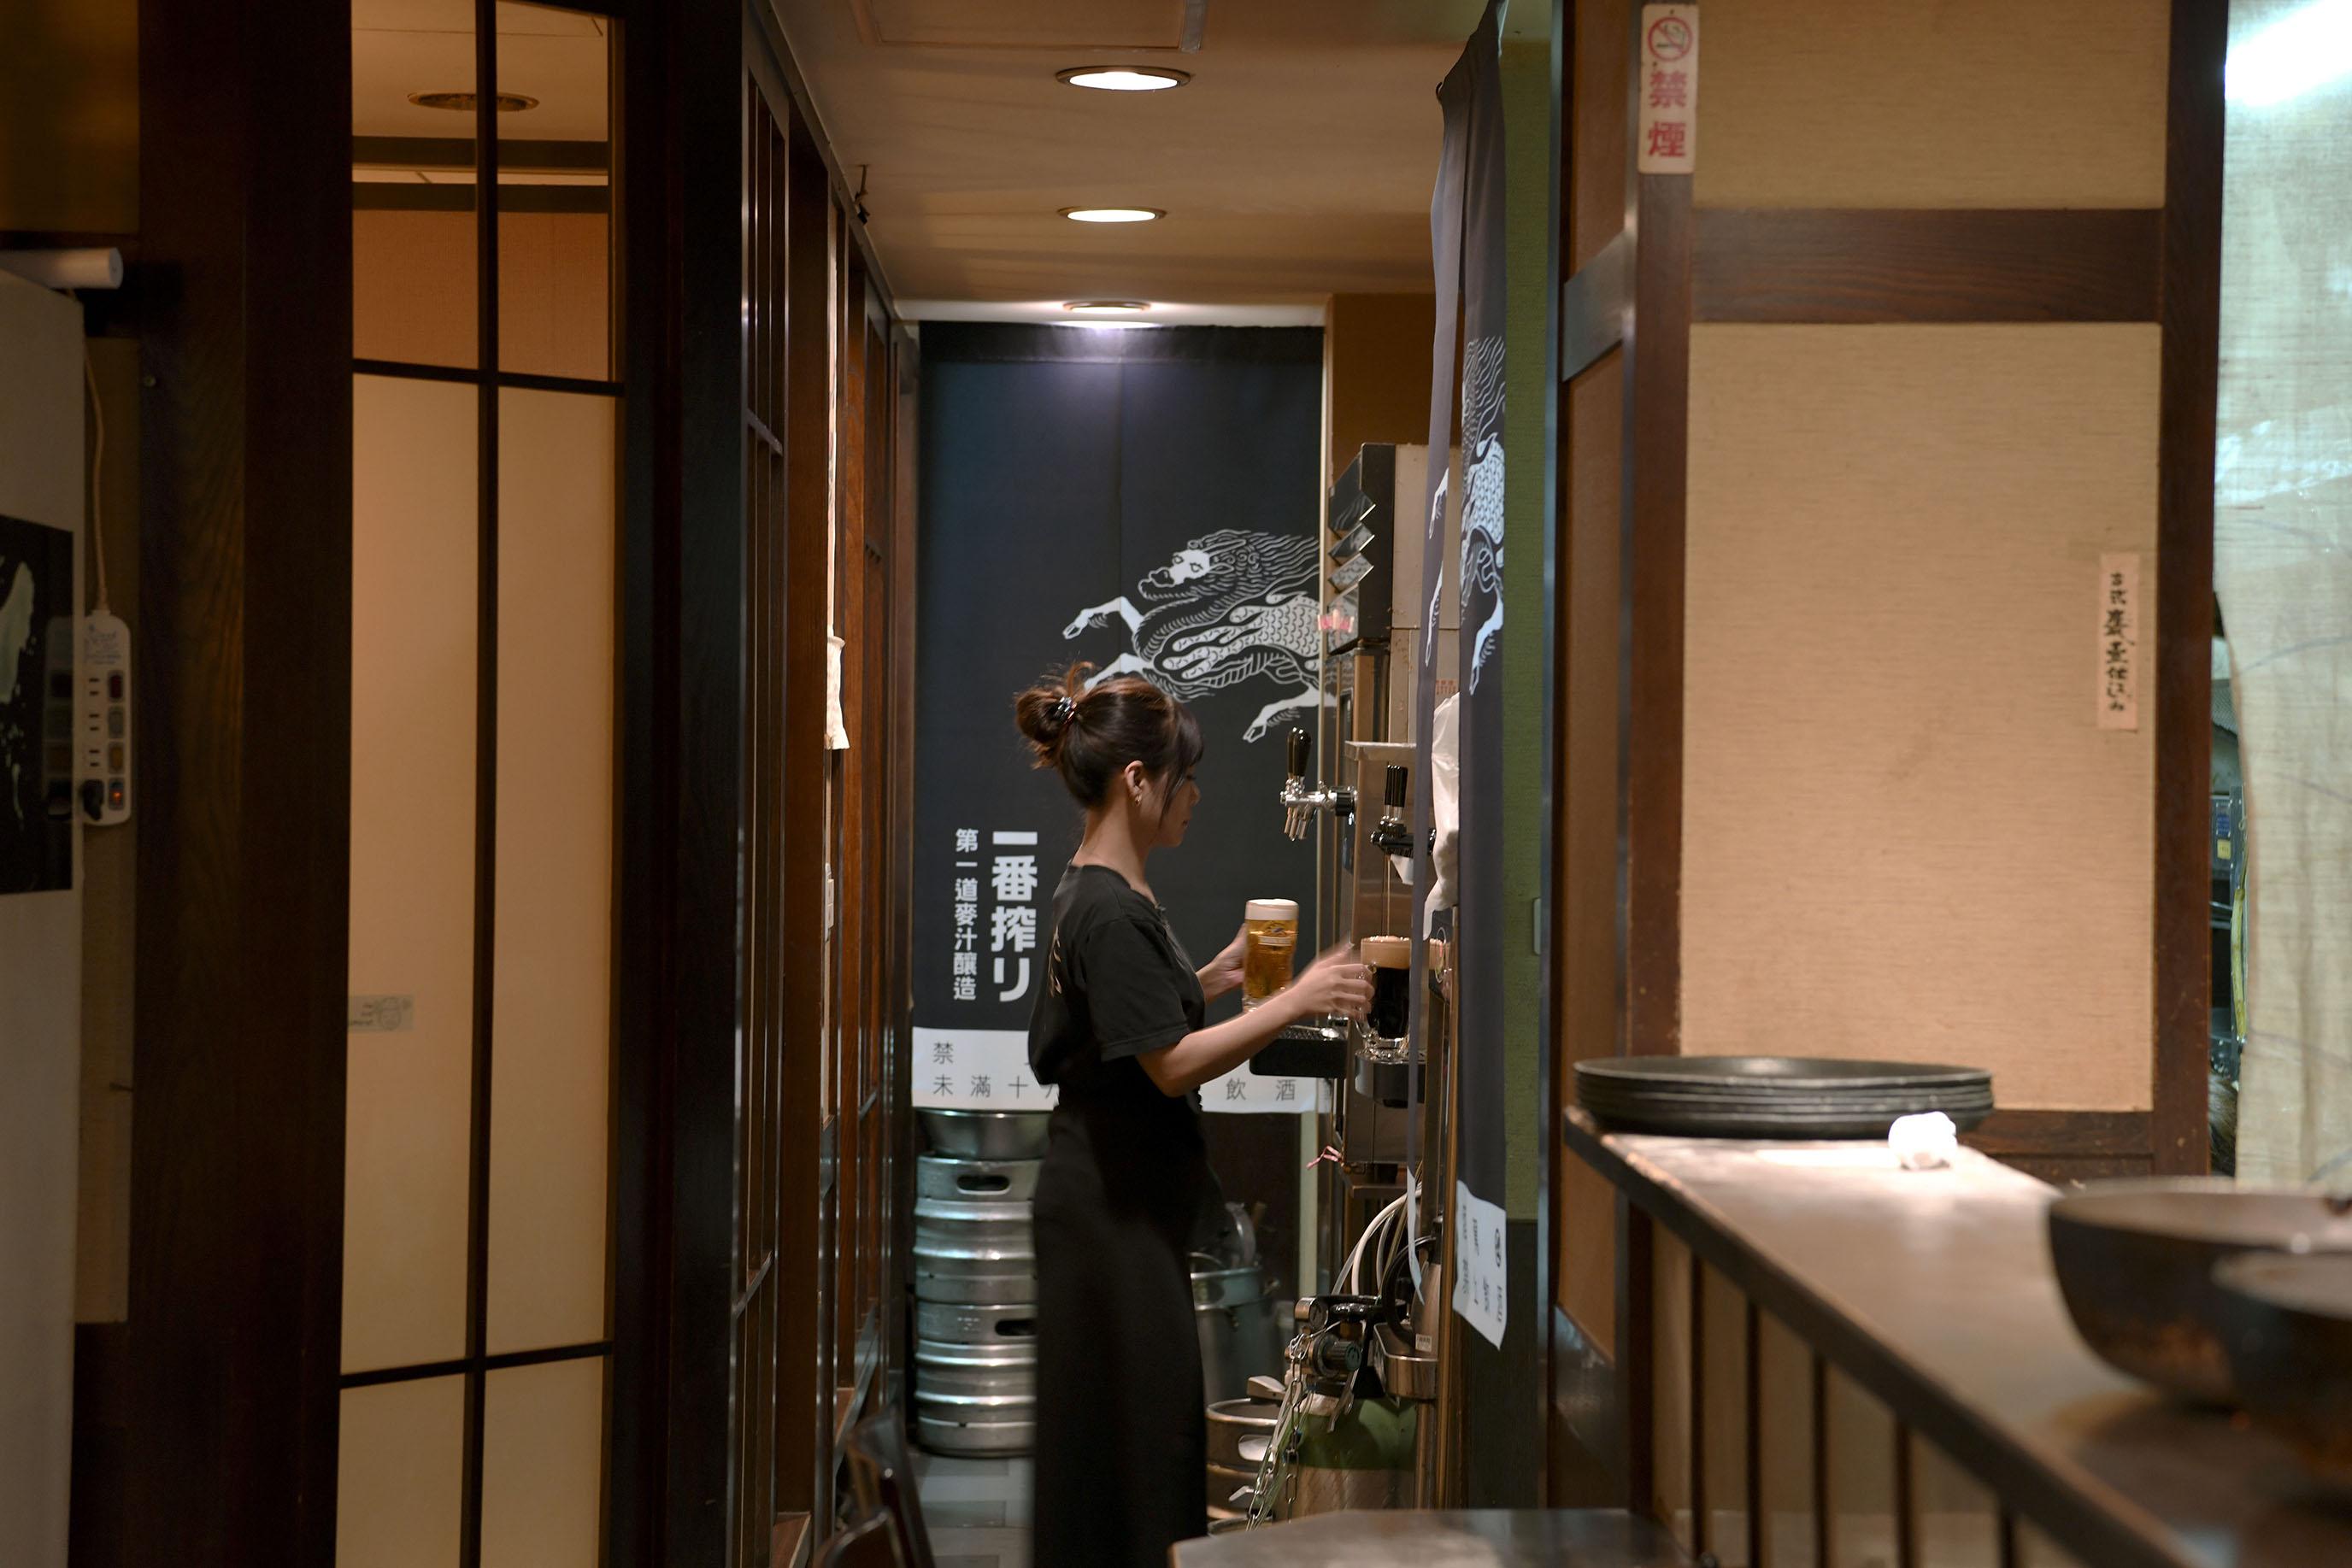 入夜的台北林森北路,有能盡情紓壓的歡酒場|麒麟一番搾り啤酒